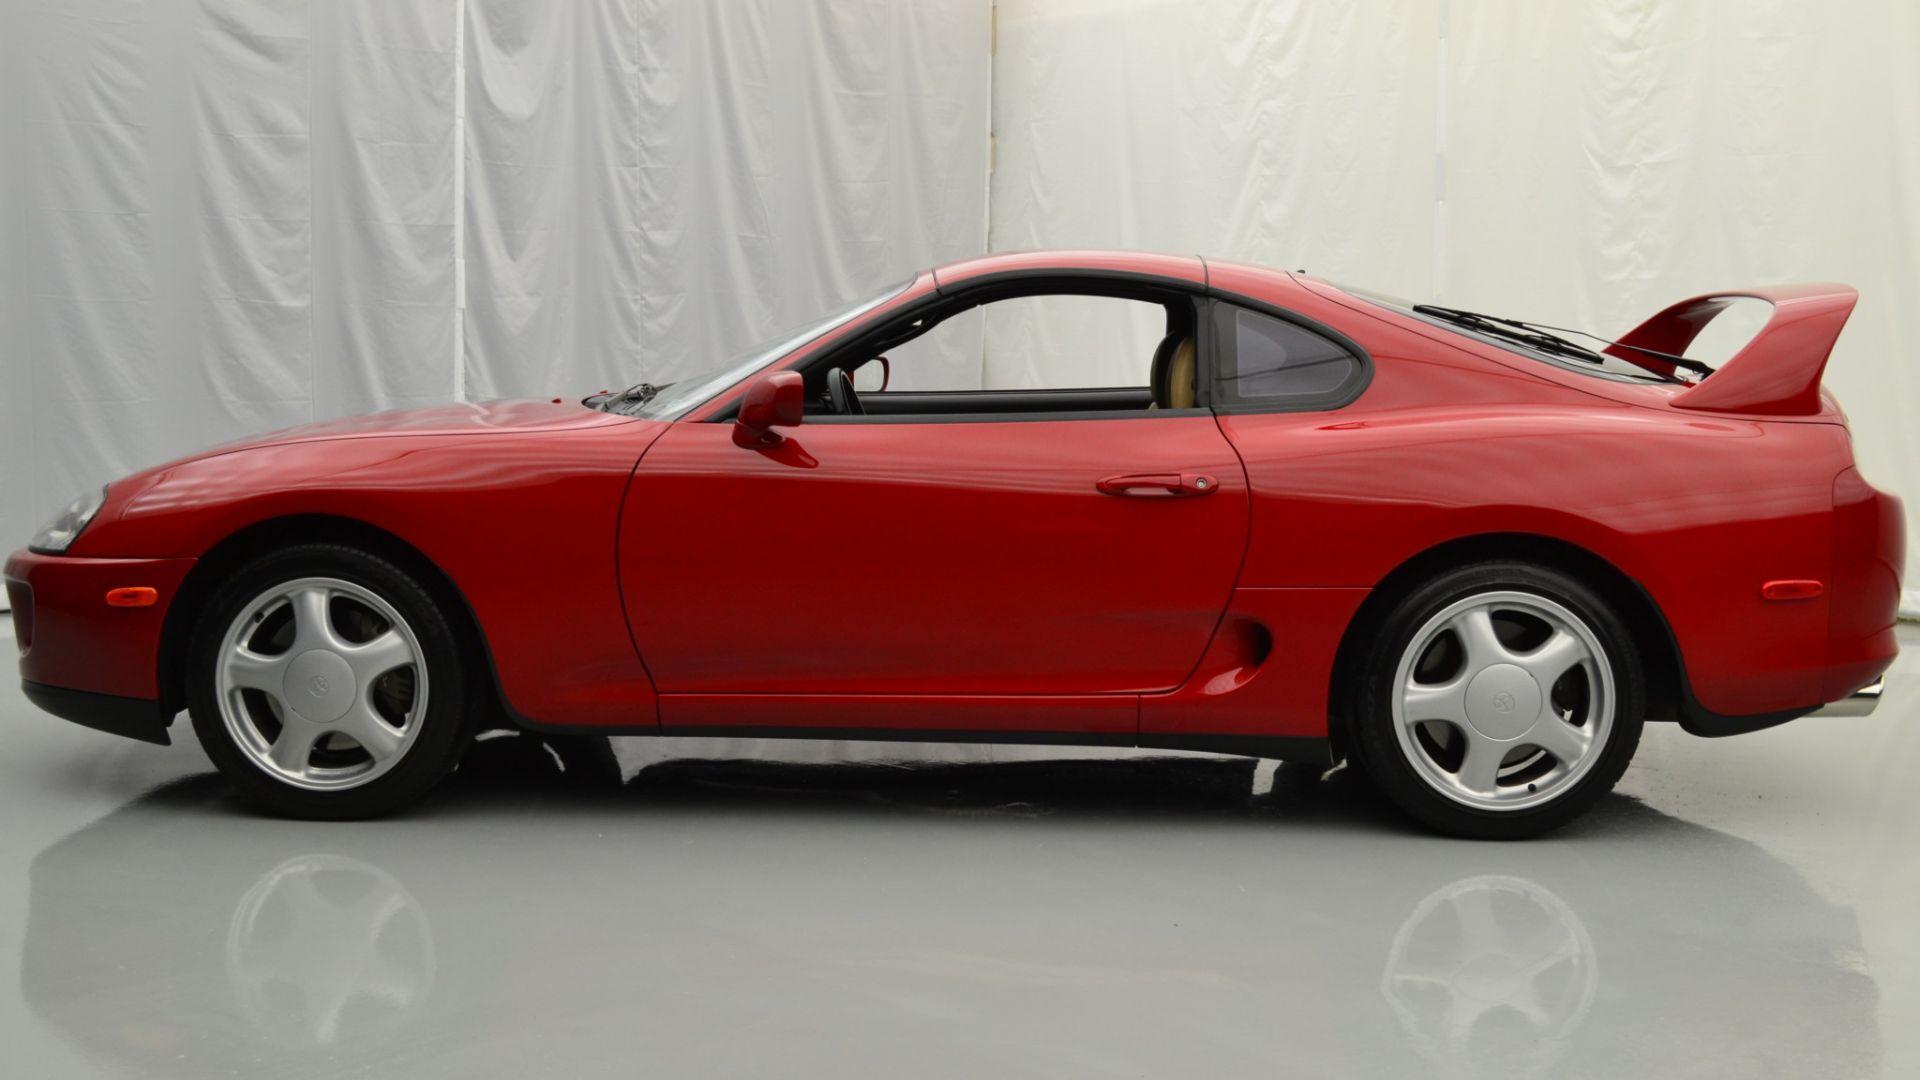 Toyota Supra $500,000